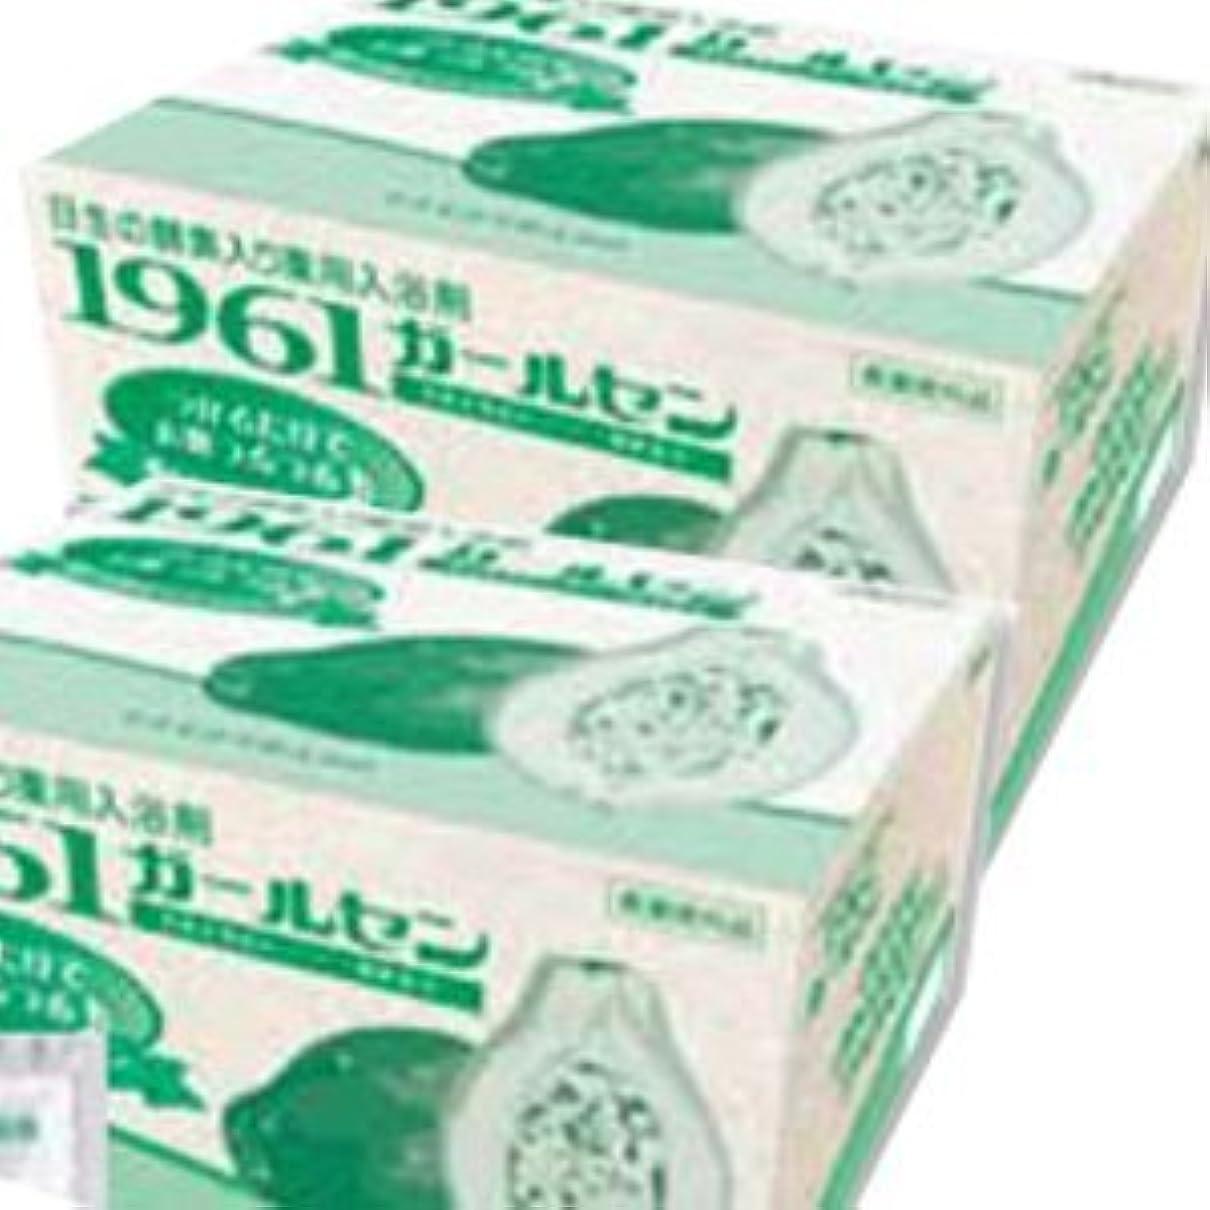 めまい悪意のある浮く日本生化学 薬用入浴剤 1961ガールセン (20g×60包)×2箱 (医薬部外品)